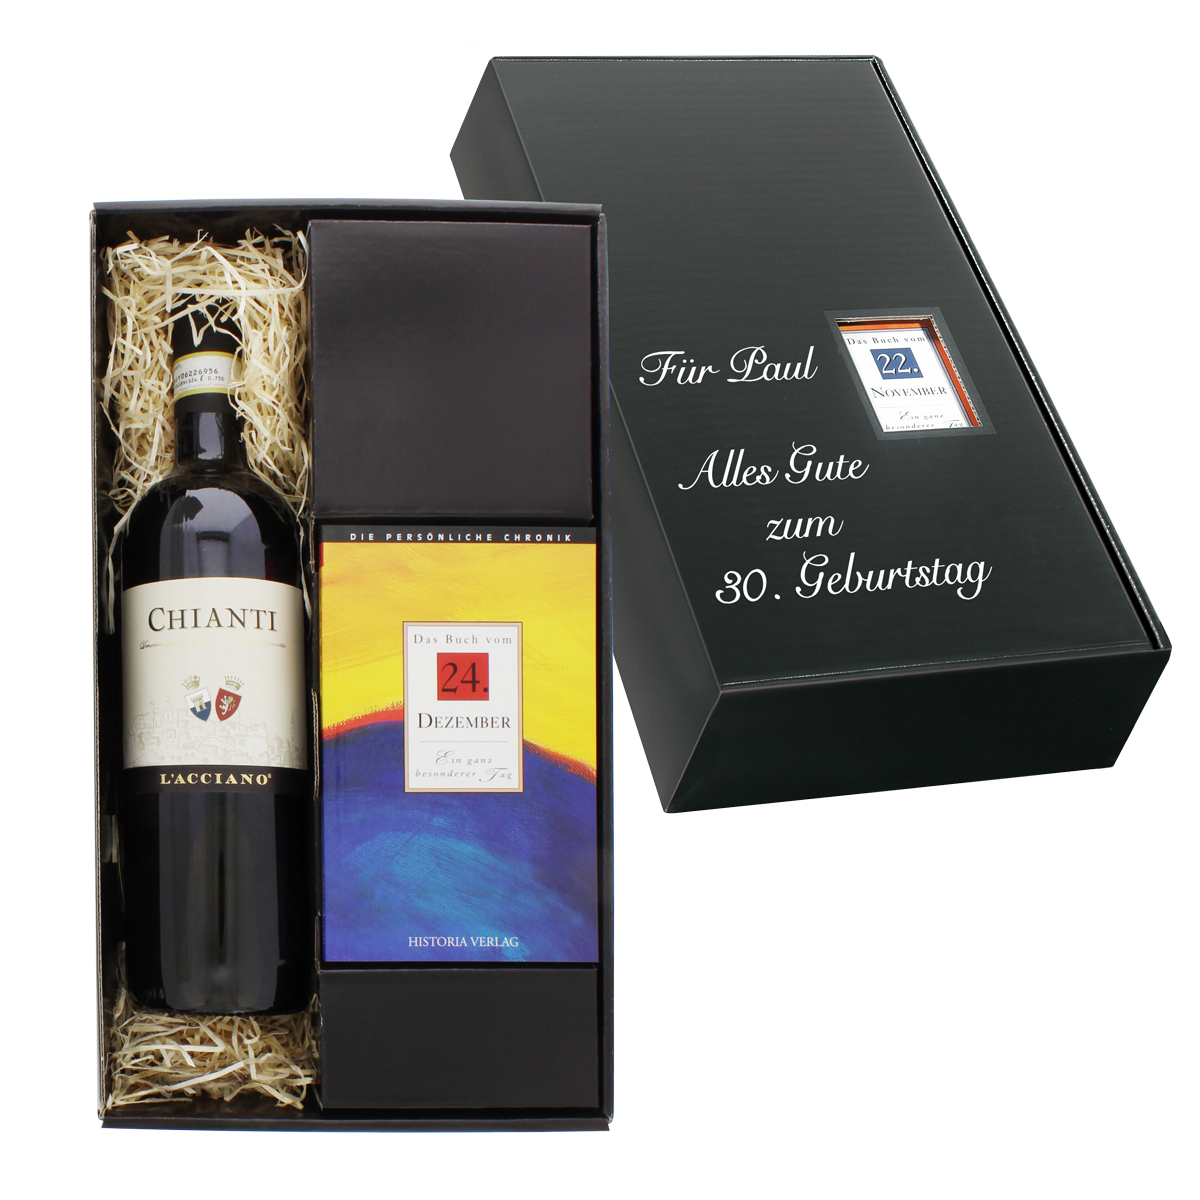 Italien-Set: Tageschronik vom 15. April & Chianti-Wein